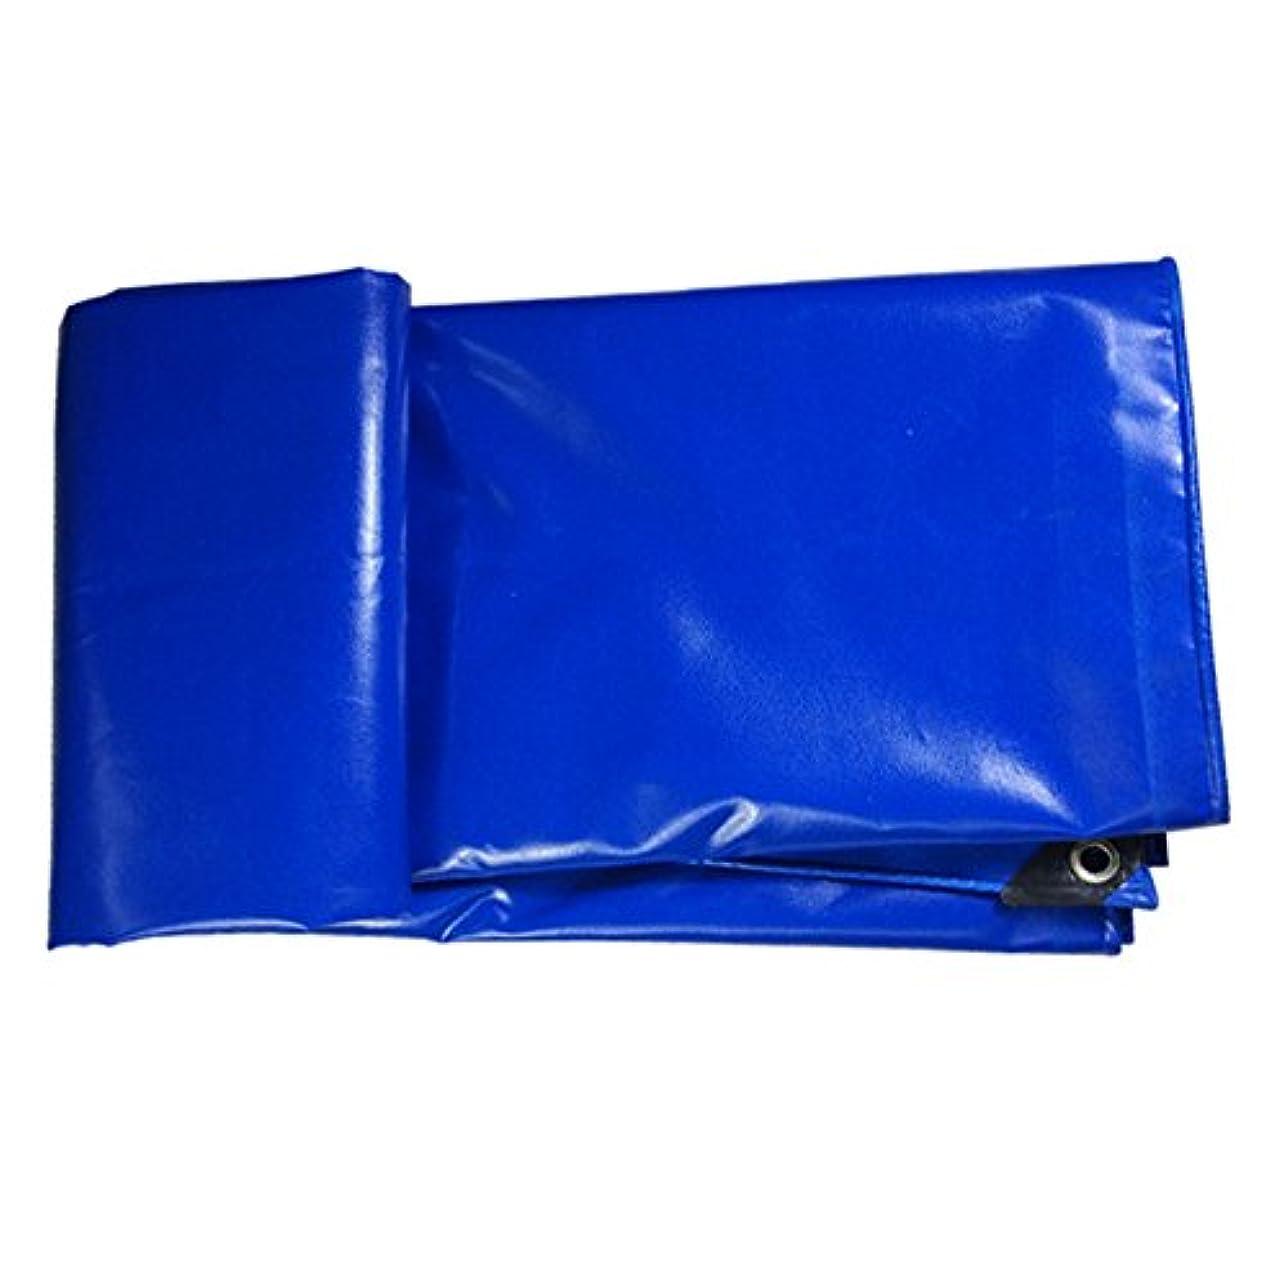 ワードローブストレスの多い生活WJ タープ- ヘビーデューティブルーポリタフカバー - 厚い防水性、耐UV性、腐敗性、裂け目および裂け目グロメットと強化エッジ付きの防水シート500g /m²-0.5mm /-/ (Size : 5mx6m)